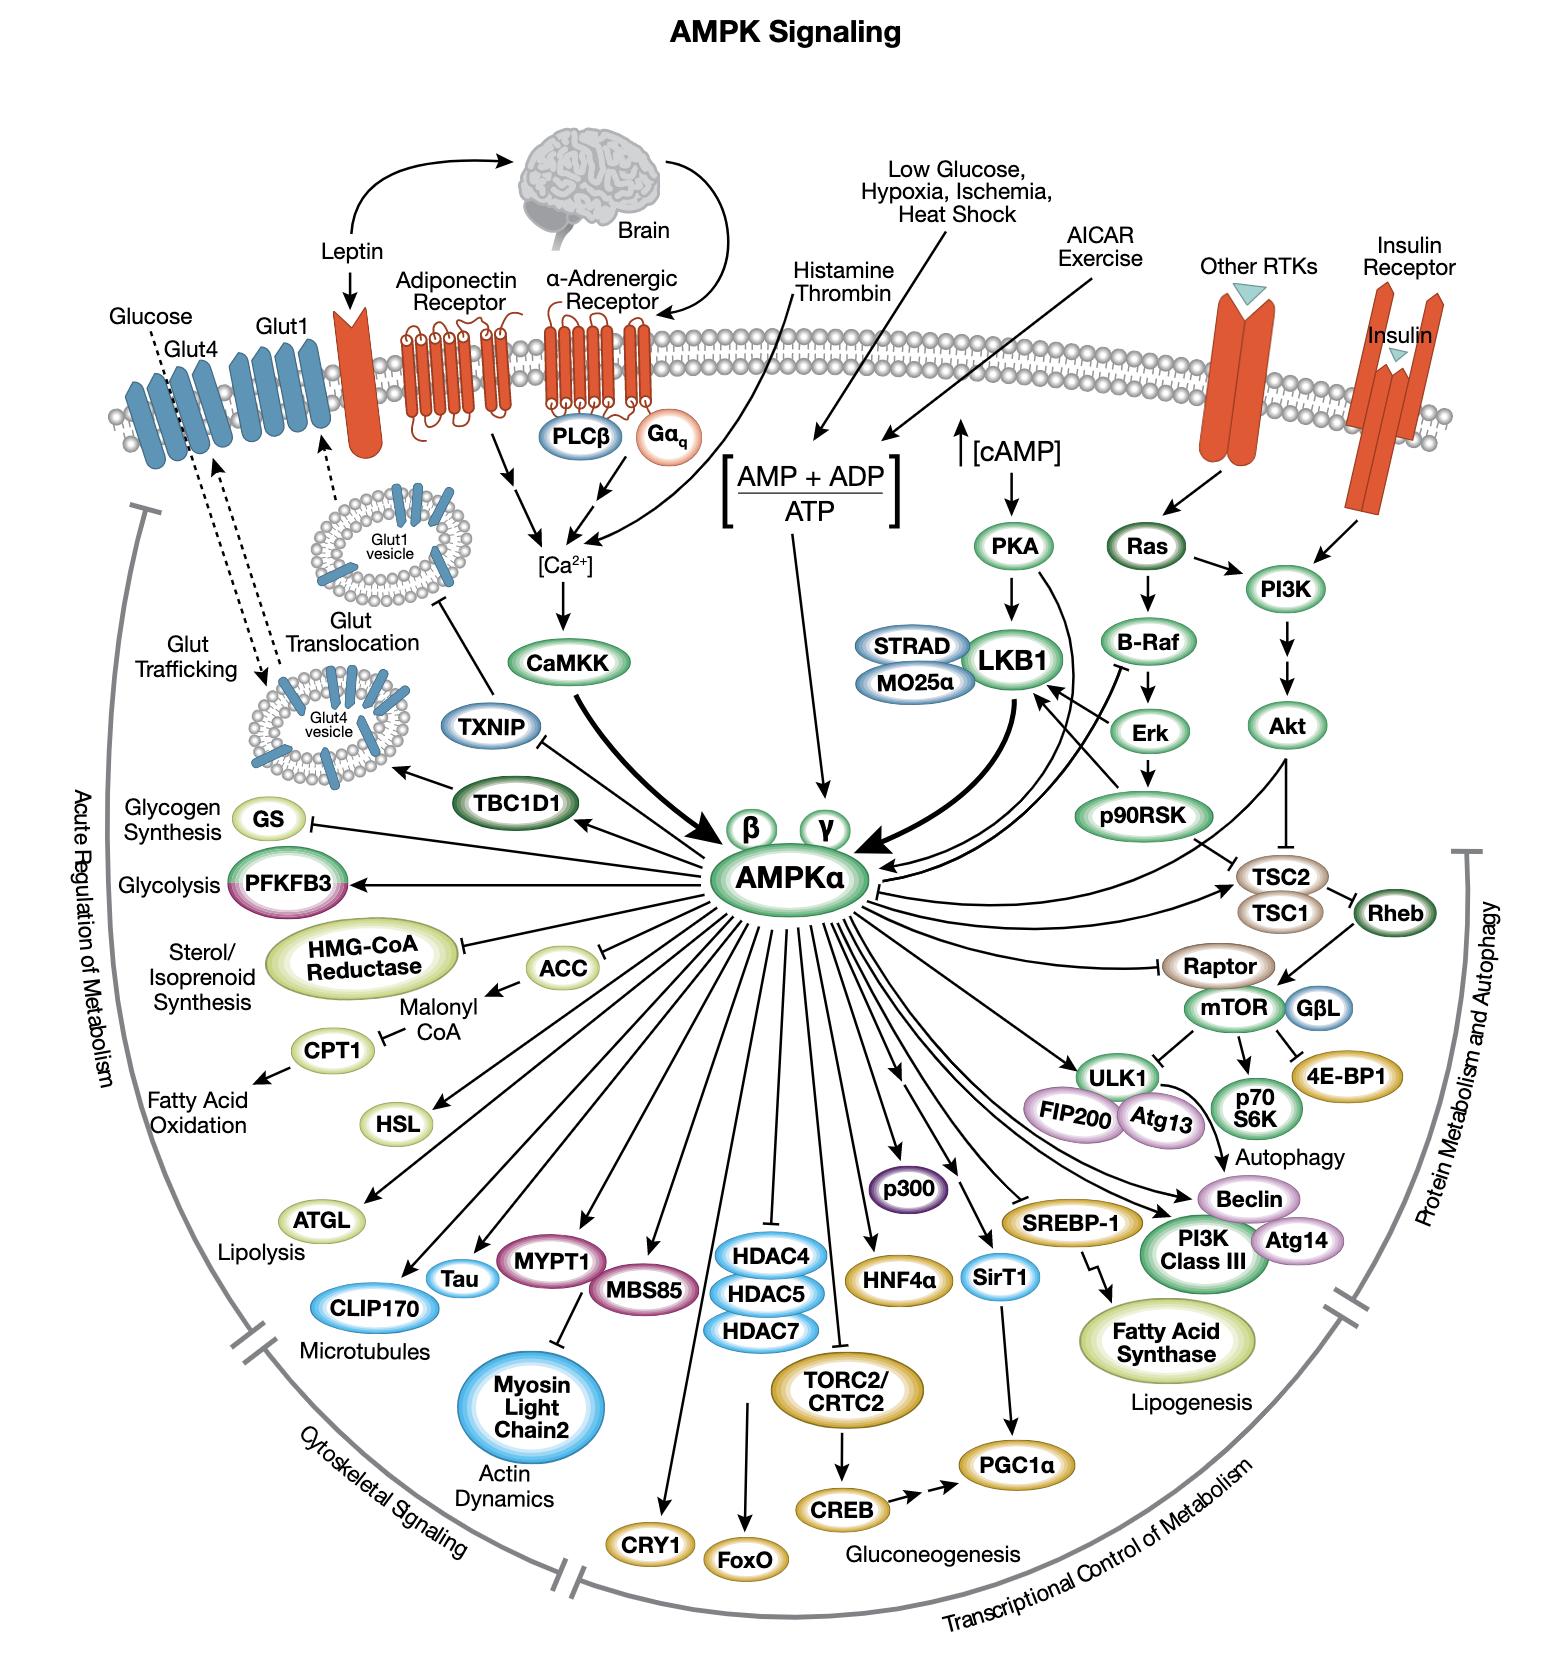 AMPK Interactive Signaling Pathway